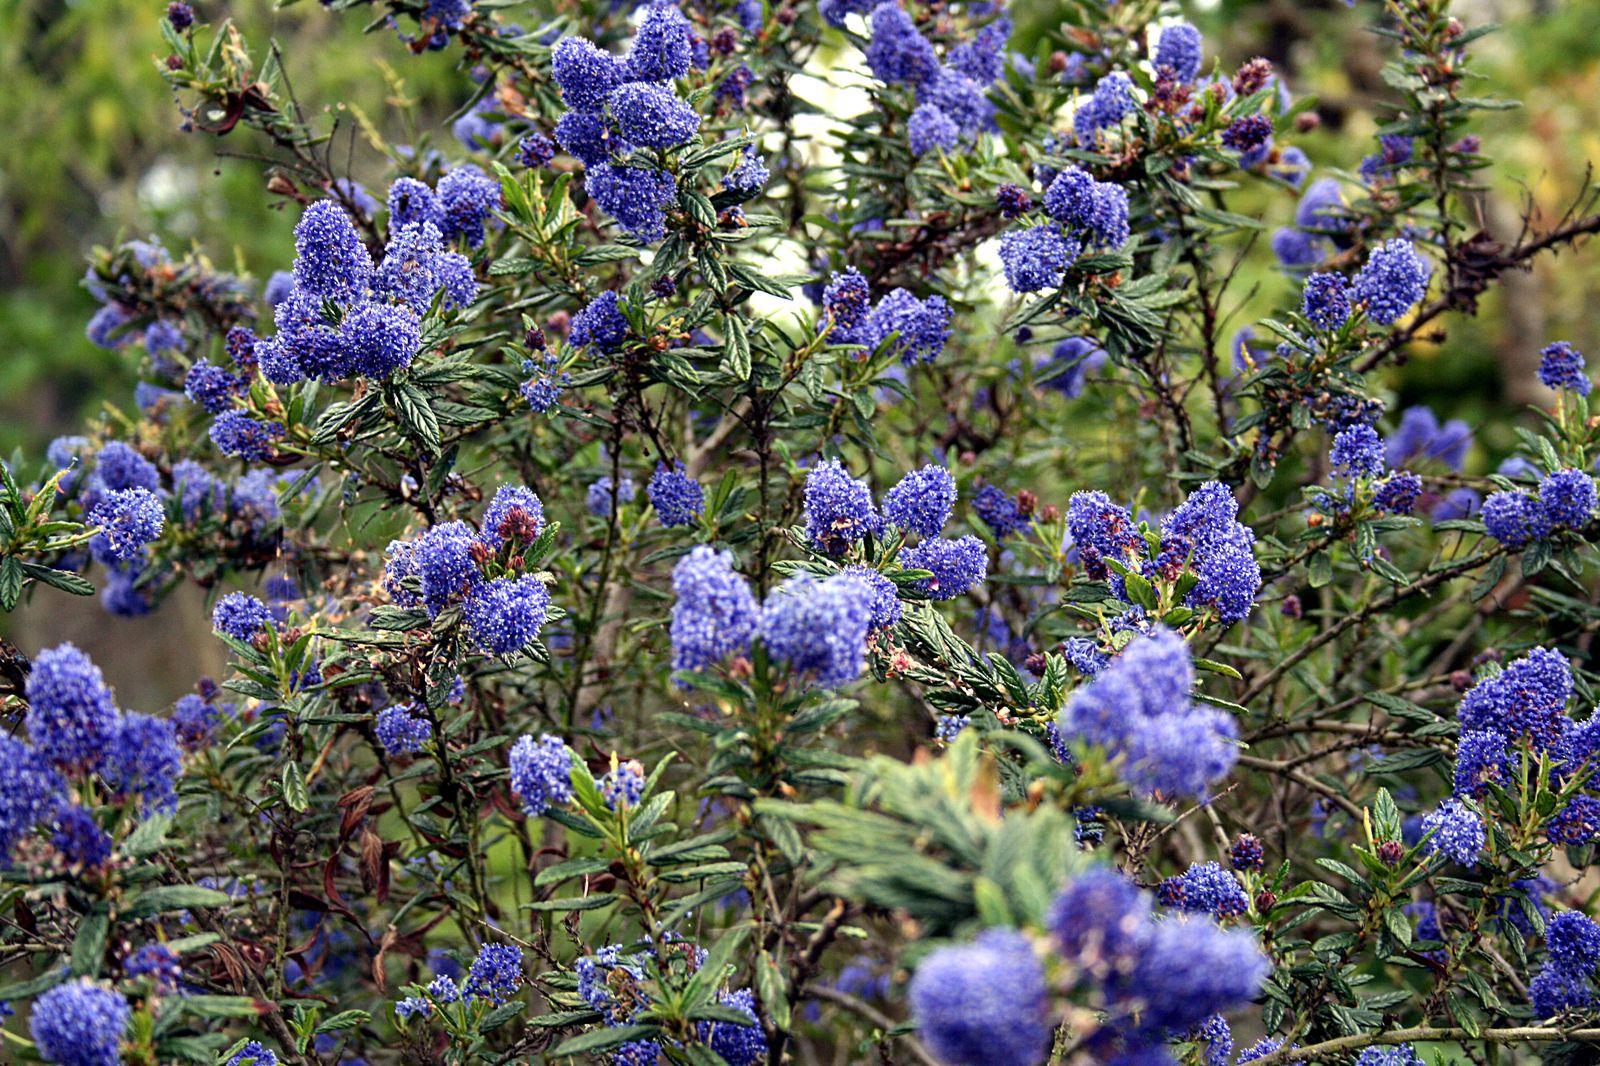 Amerikaanse sering - Ceanothus arboreus